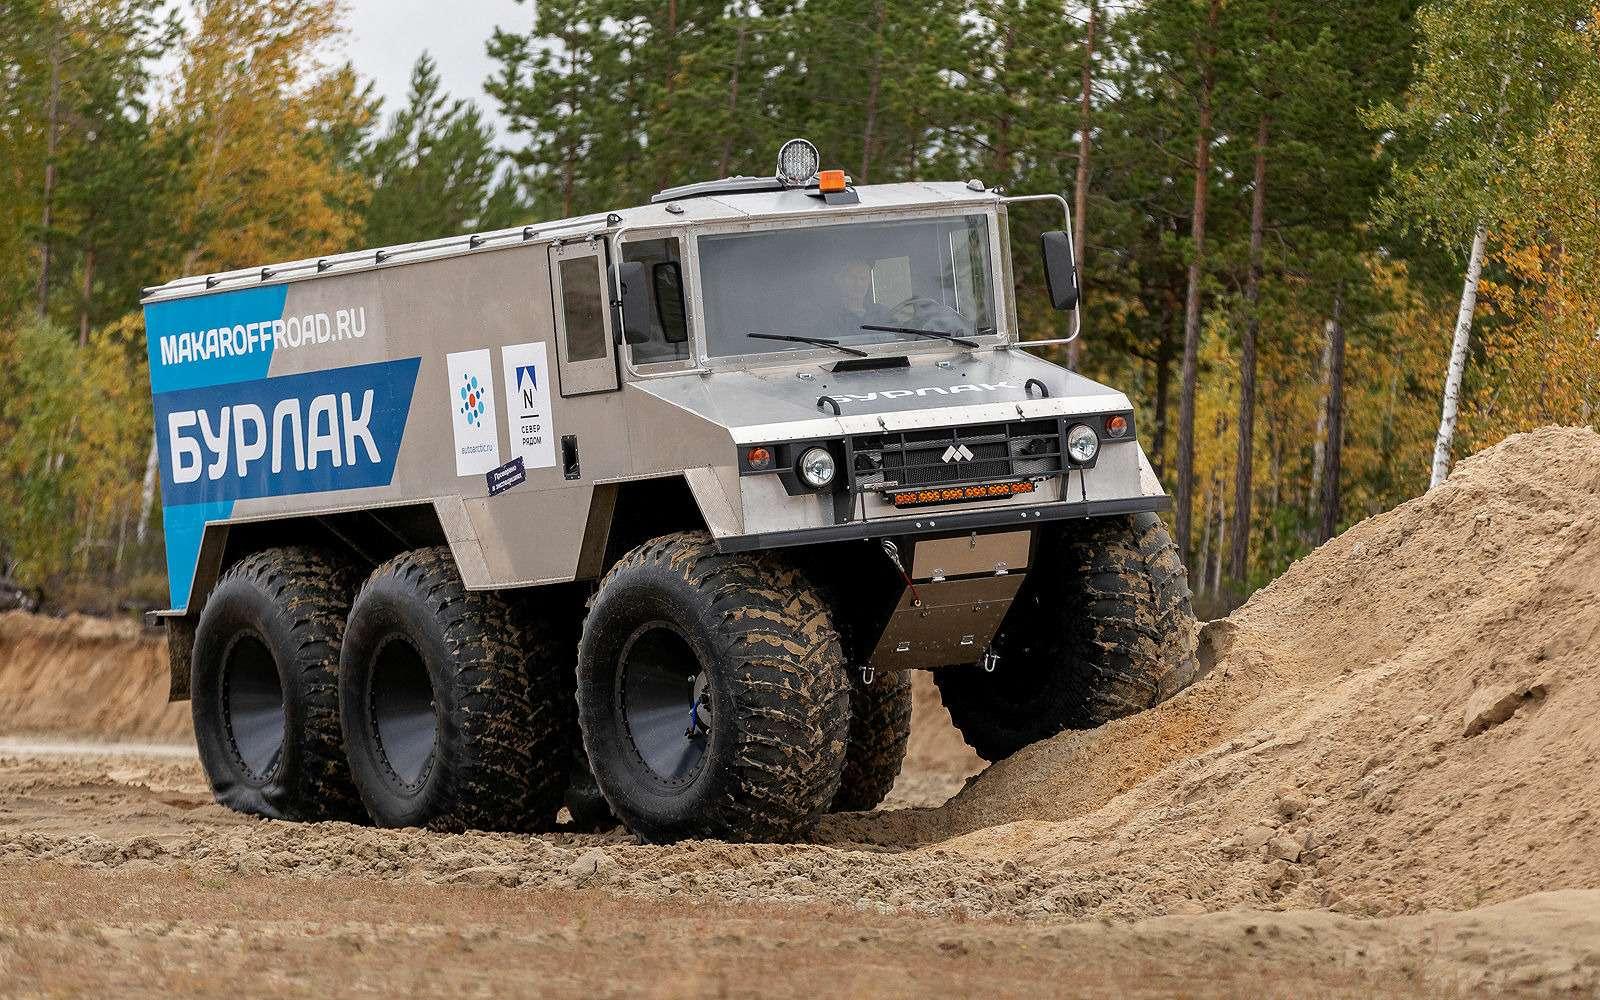 Вездеход «Бурлак»: лучшая машина дляснежных пустынь— фото 1001865